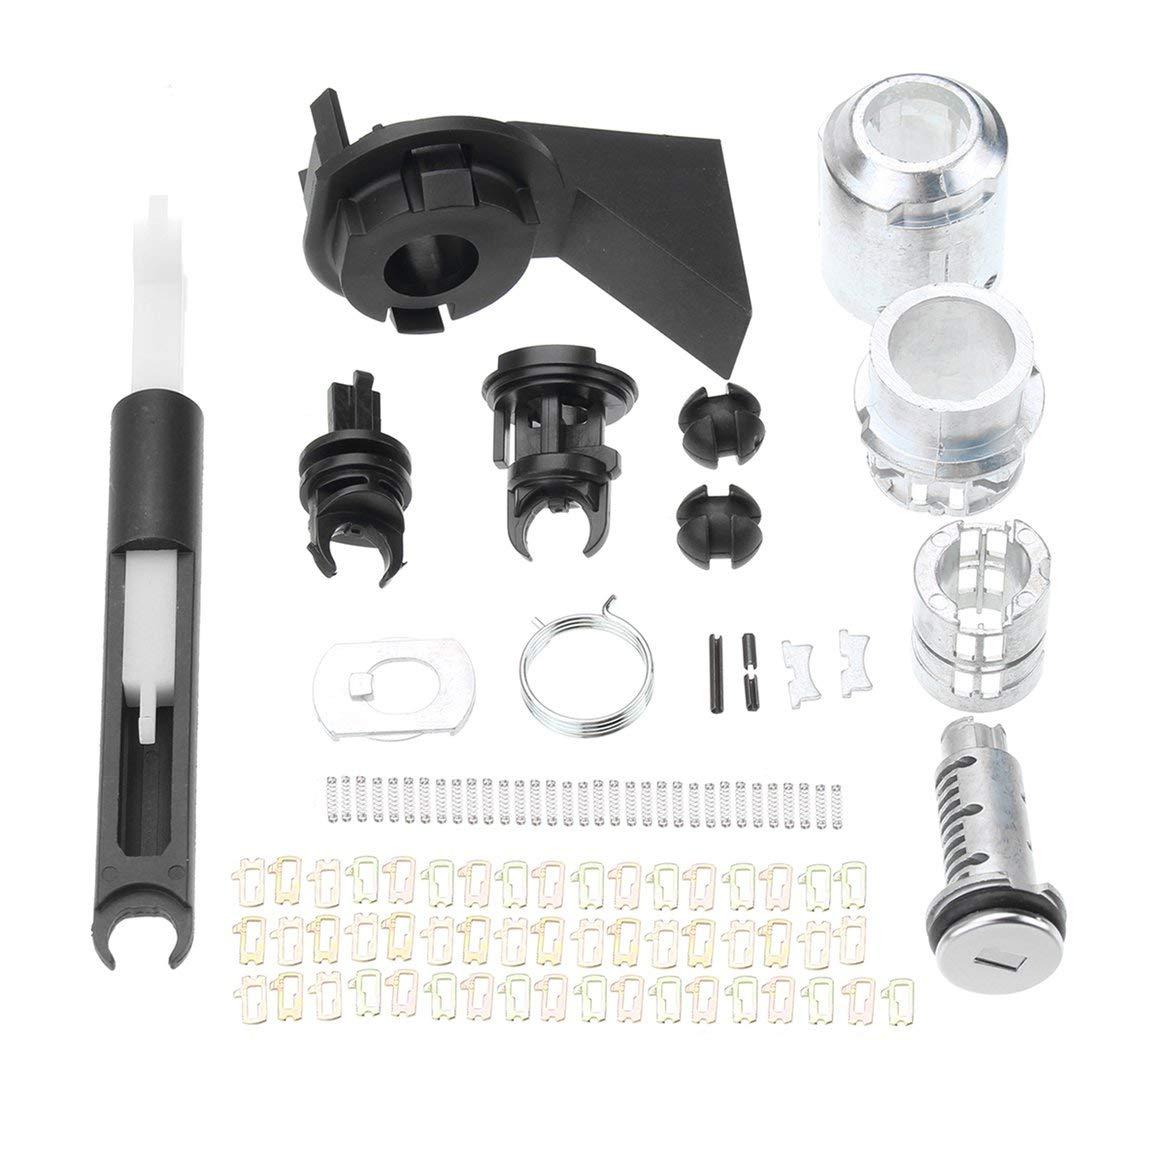 Kit di bloccaggio serratura rilascio cofano Kit chiusura scrocco per Ford For Focus MK2 2004-2012 1355231 Kit serratura kit di riparazione serratura Delicacydex